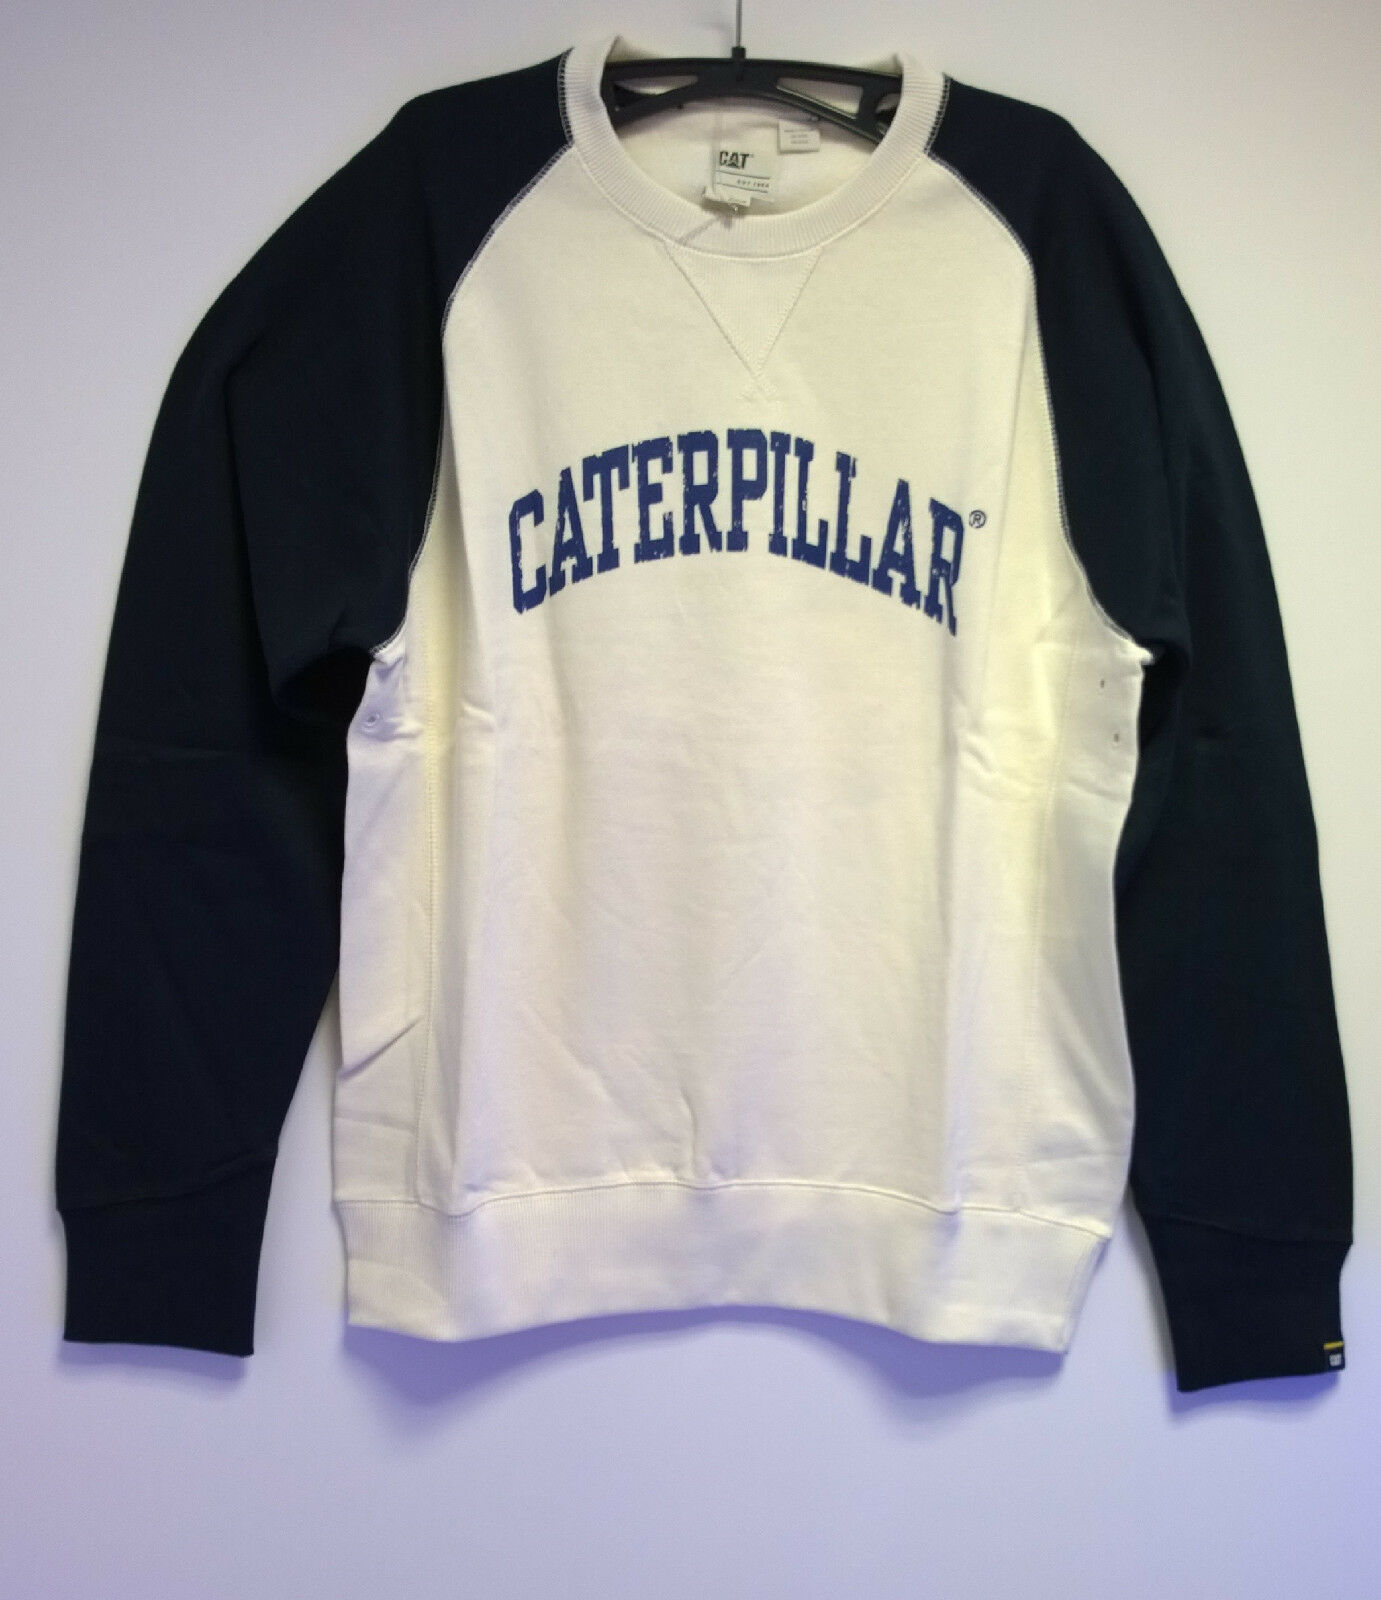 2 x Caterpillar Herren Sweater Gr. L NEU mit Etikett + Rechnung   Schön